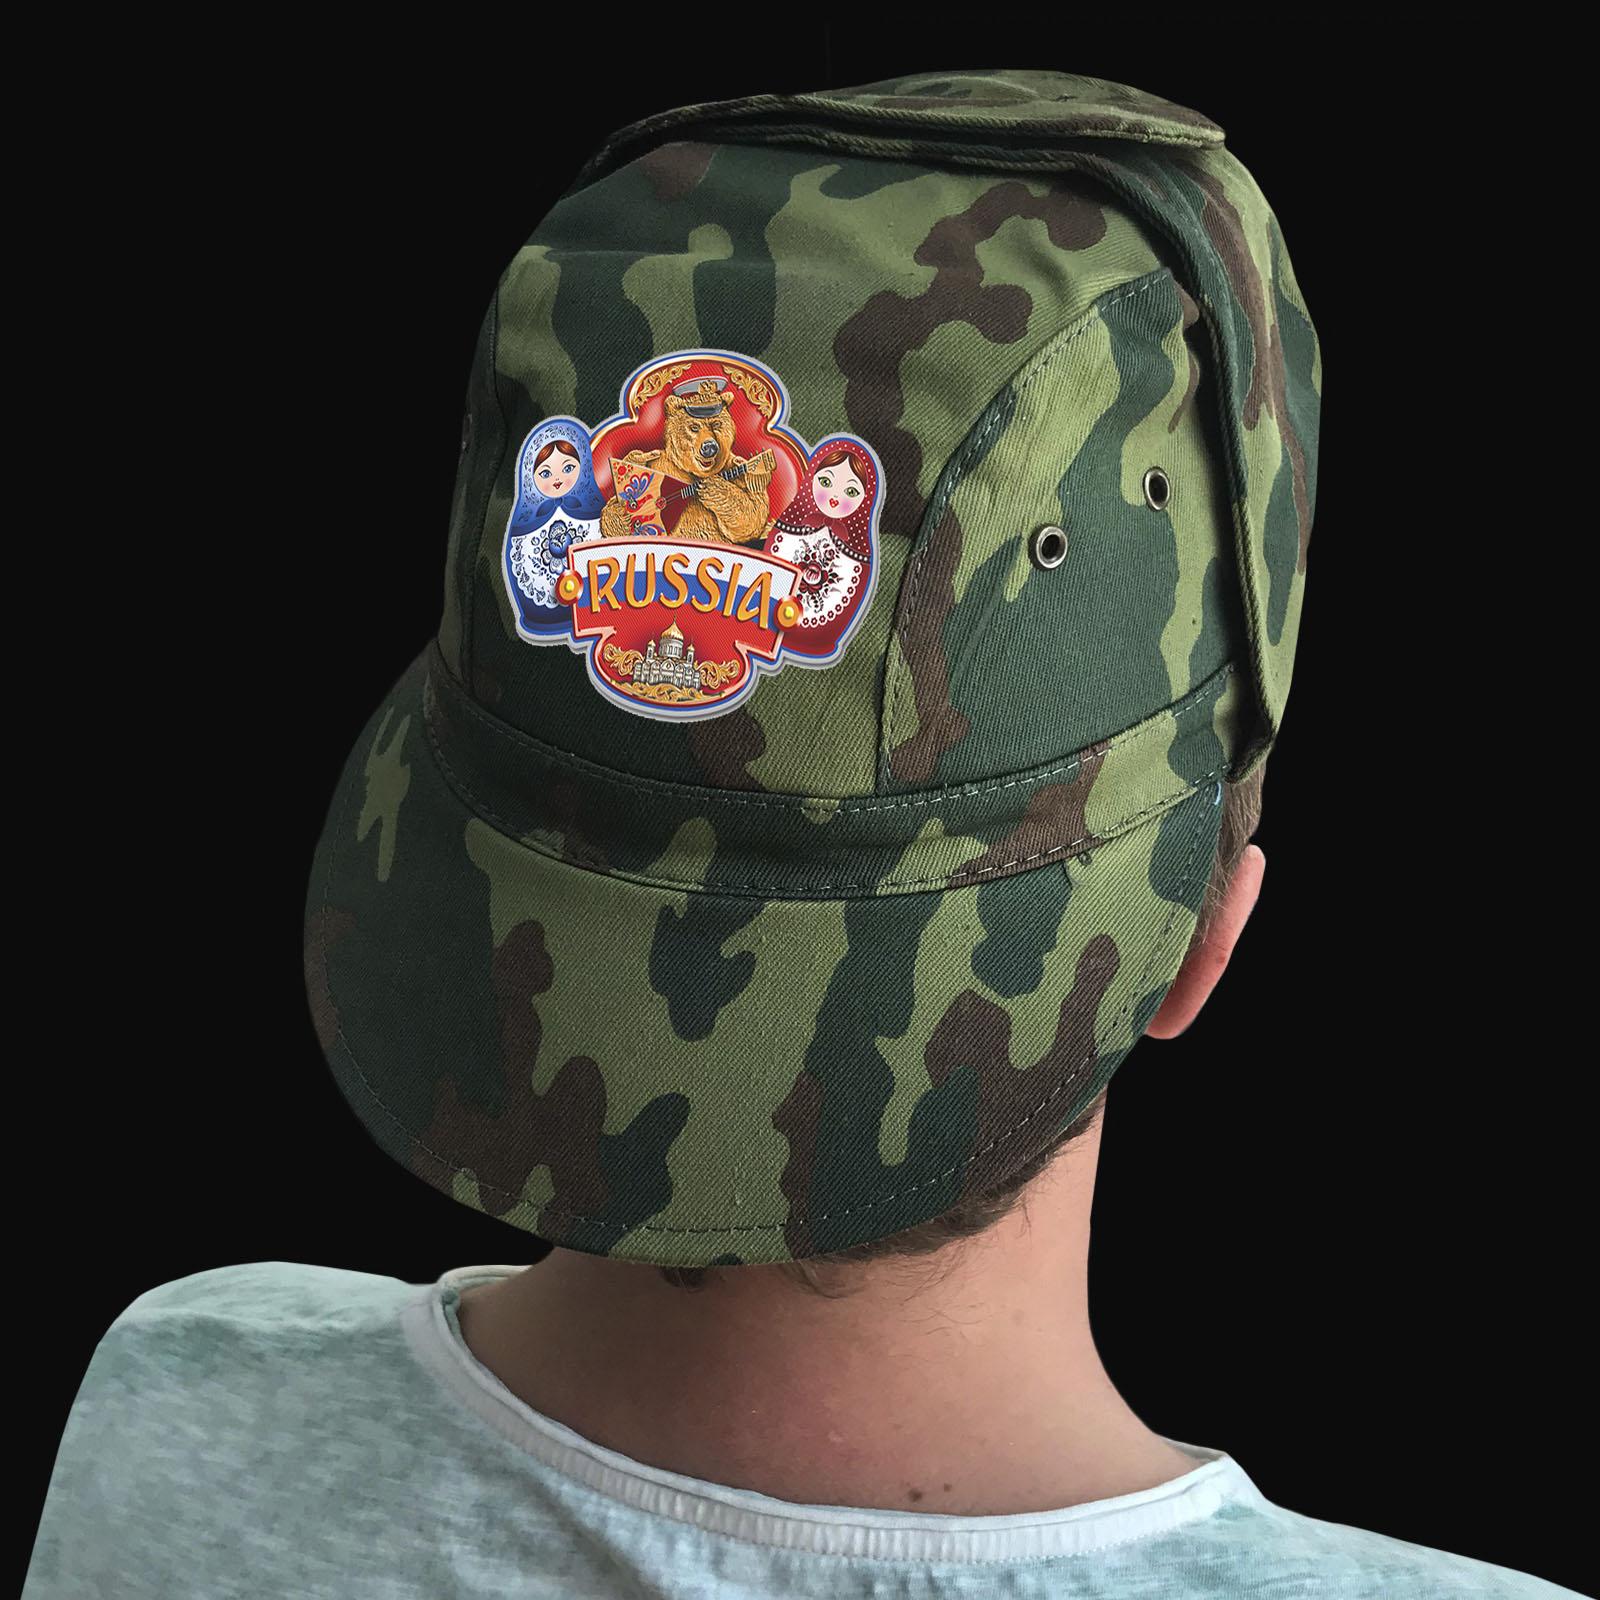 Недорогие кепки с принтом Russia – все размеры